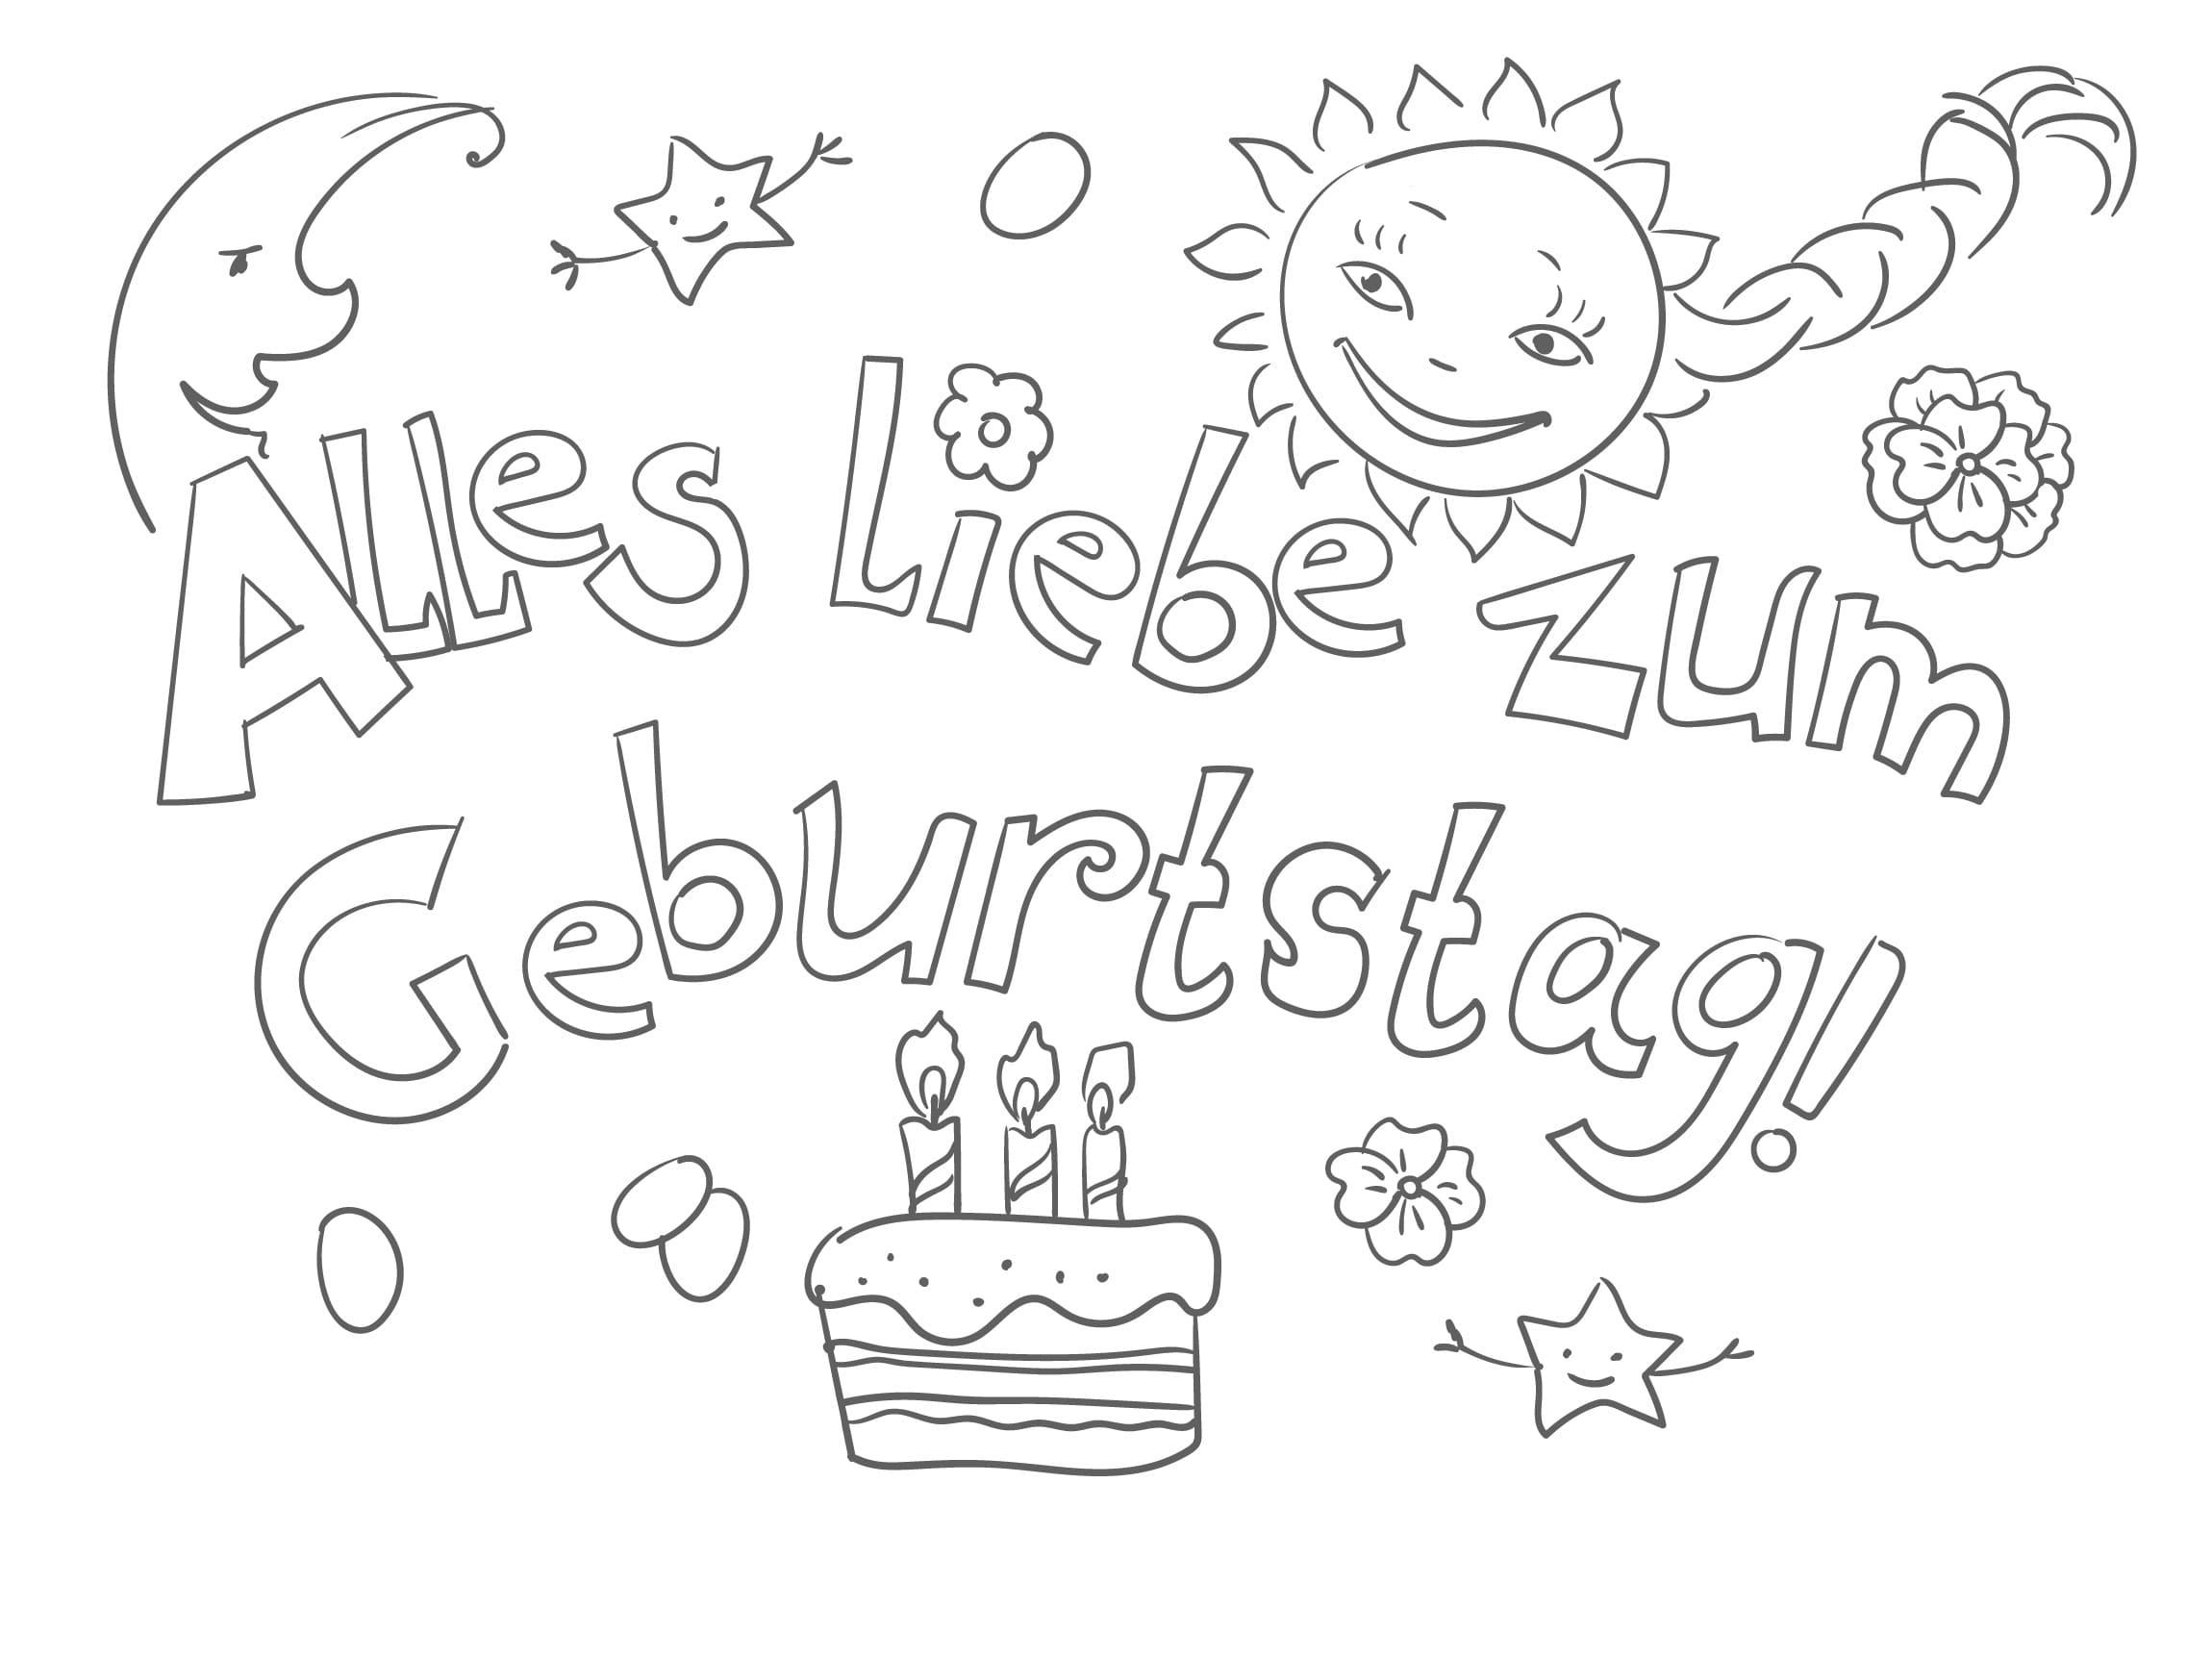 Ausmalbilder Alles Gute Zum Geburtstag. Drucken Sie Kostenlos bestimmt für Happy Birthday Ausmalbilder Kostenlos